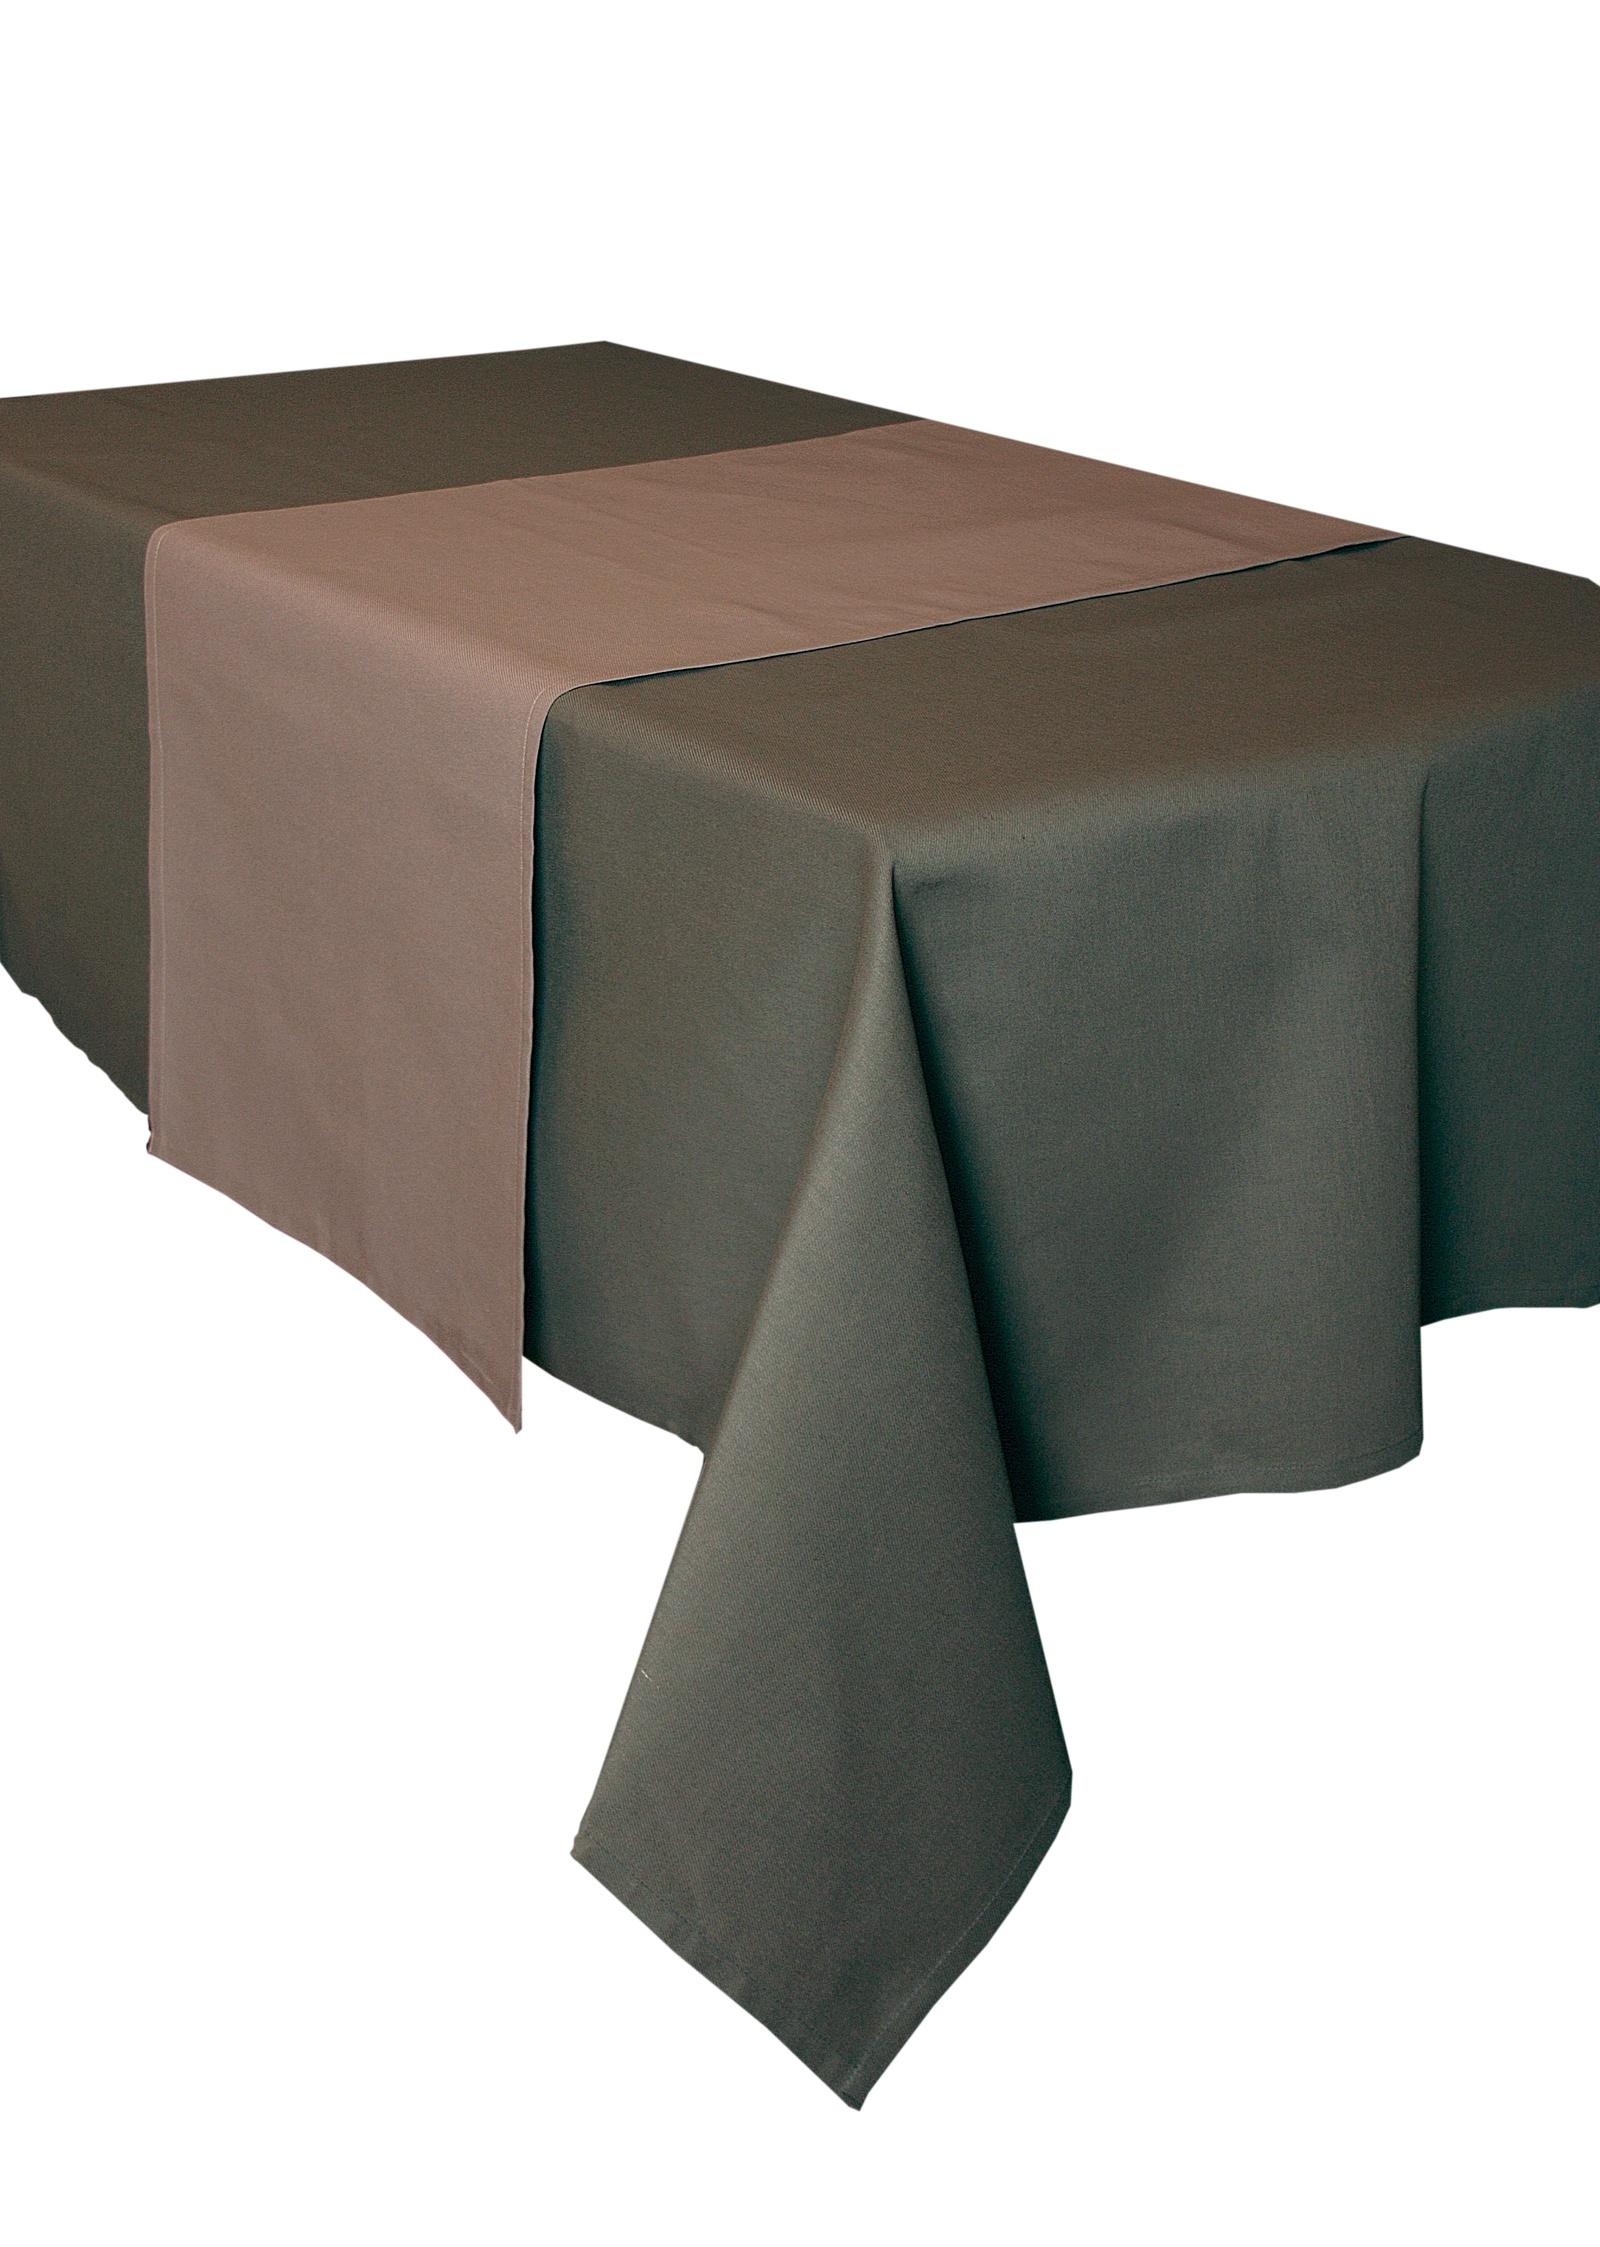 Дорожка столовая ТД Натурель серый 45х150 Однотонная коллекция sans tabù столовая дорожка